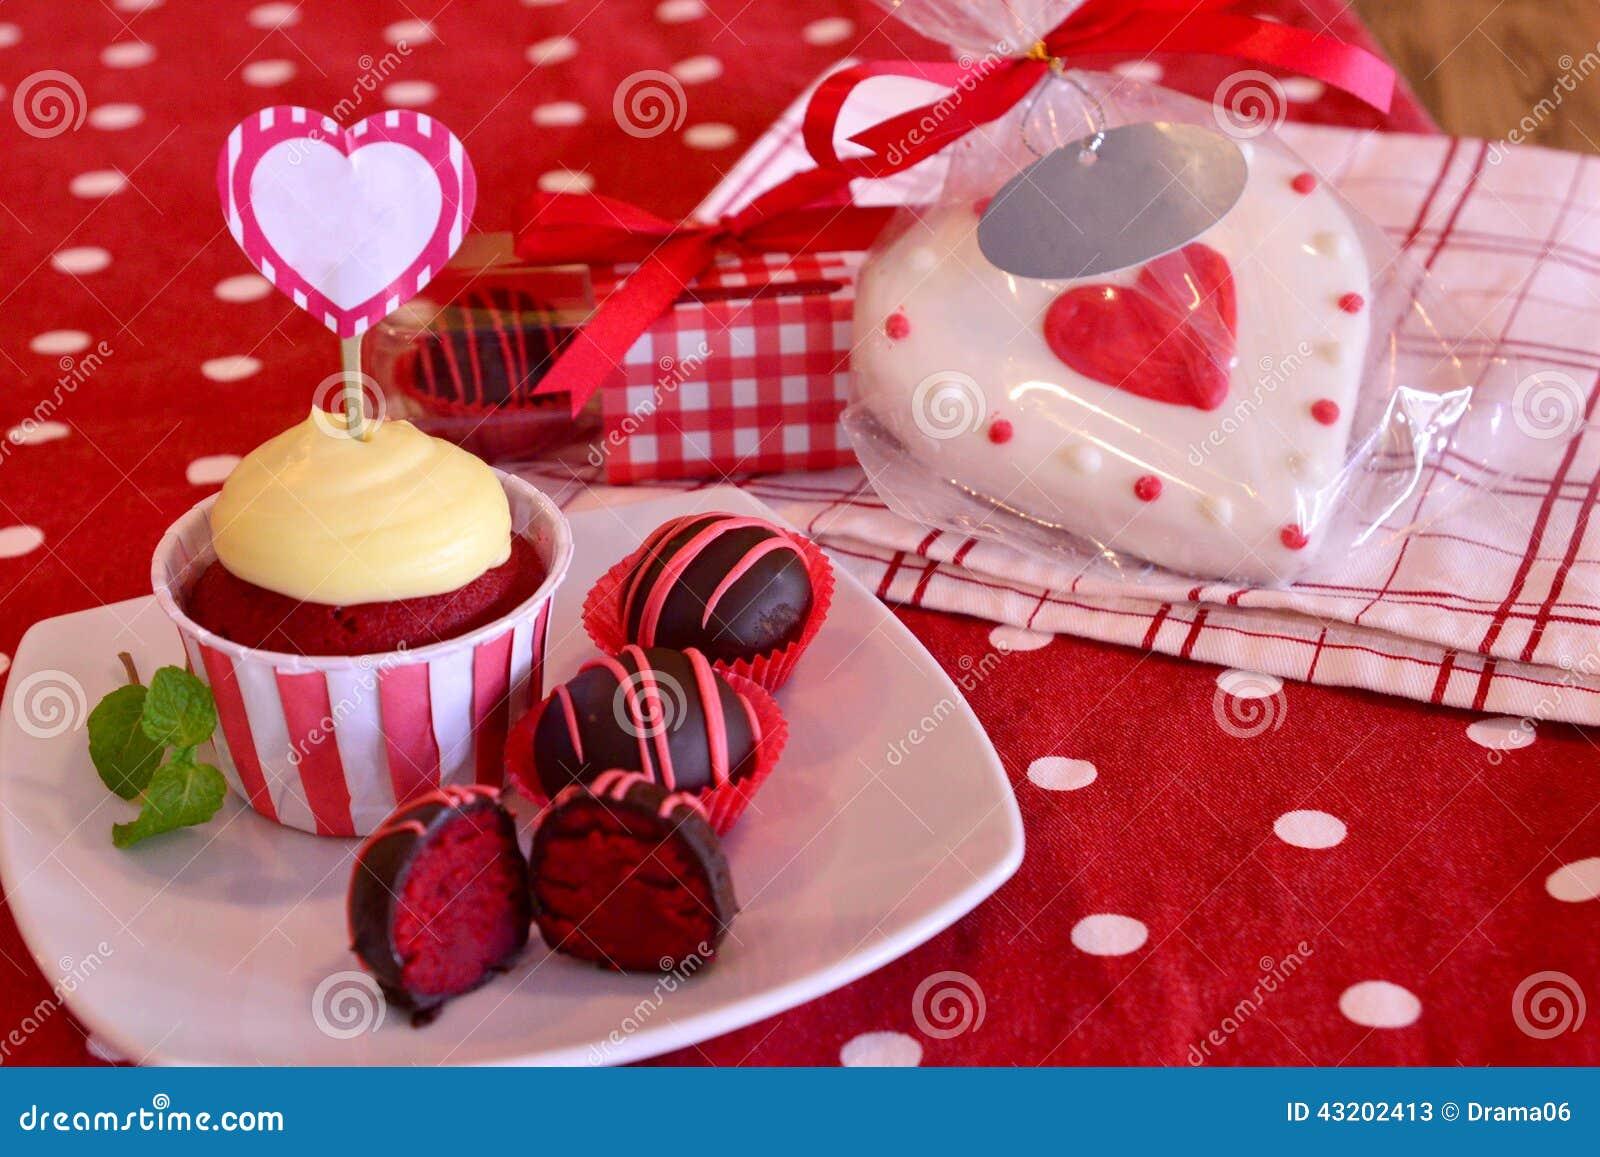 Download Röda sammettårtapop fotografering för bildbyråer. Bild av frosting - 43202413